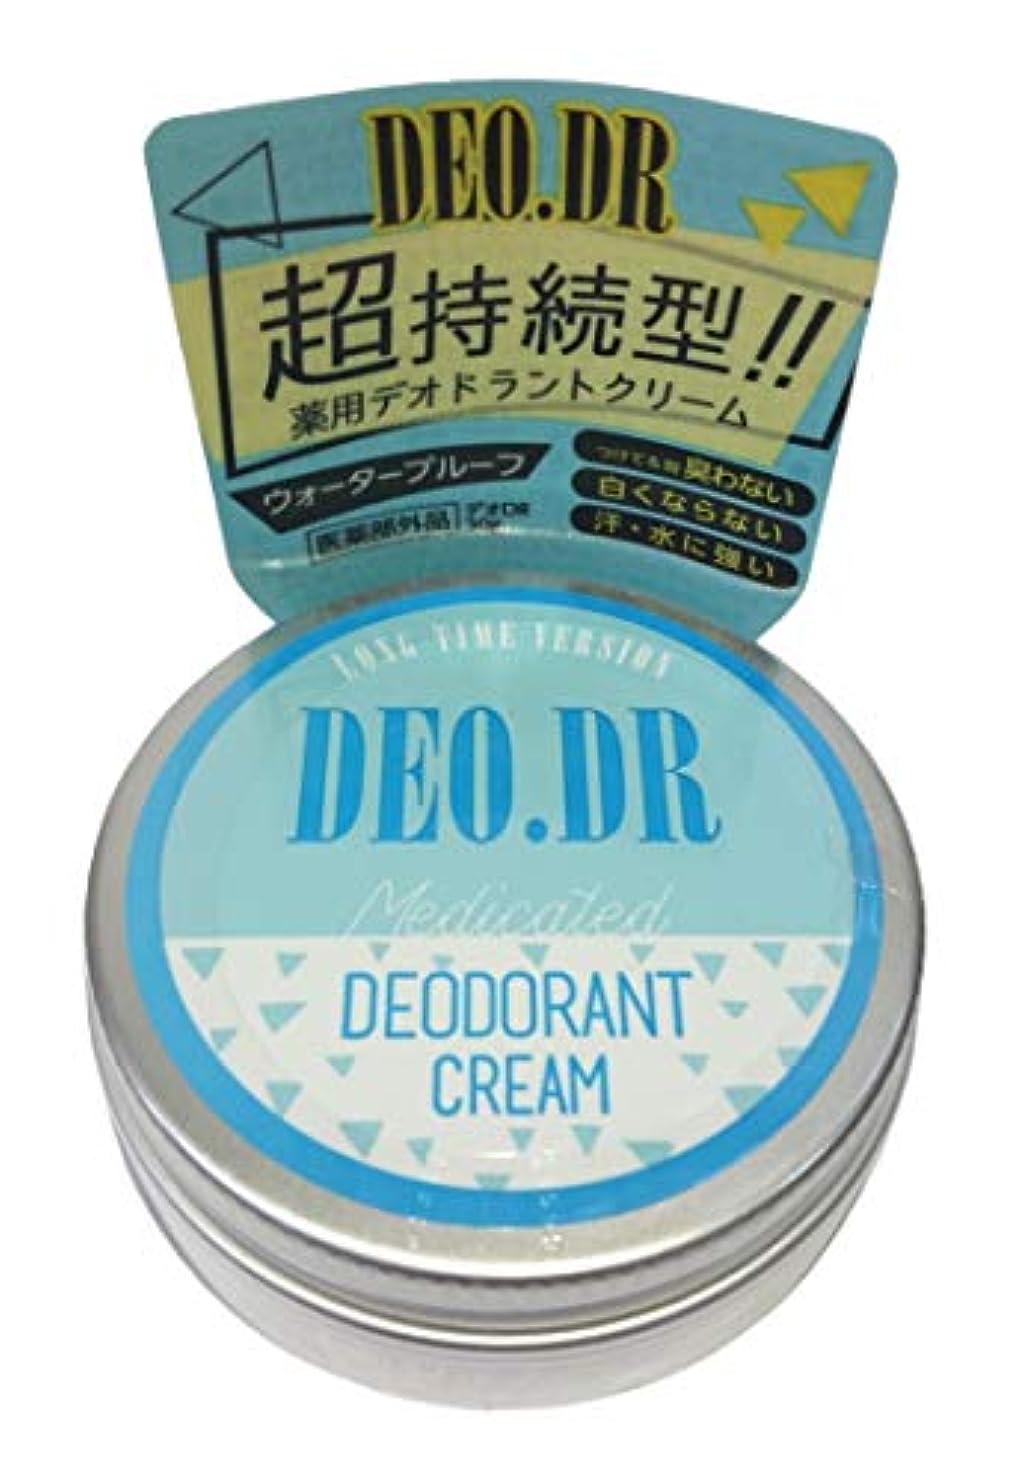 環境に優しい反映する受けるデオDR (DEO.DR) 薬用クリーム 【医薬部外品】